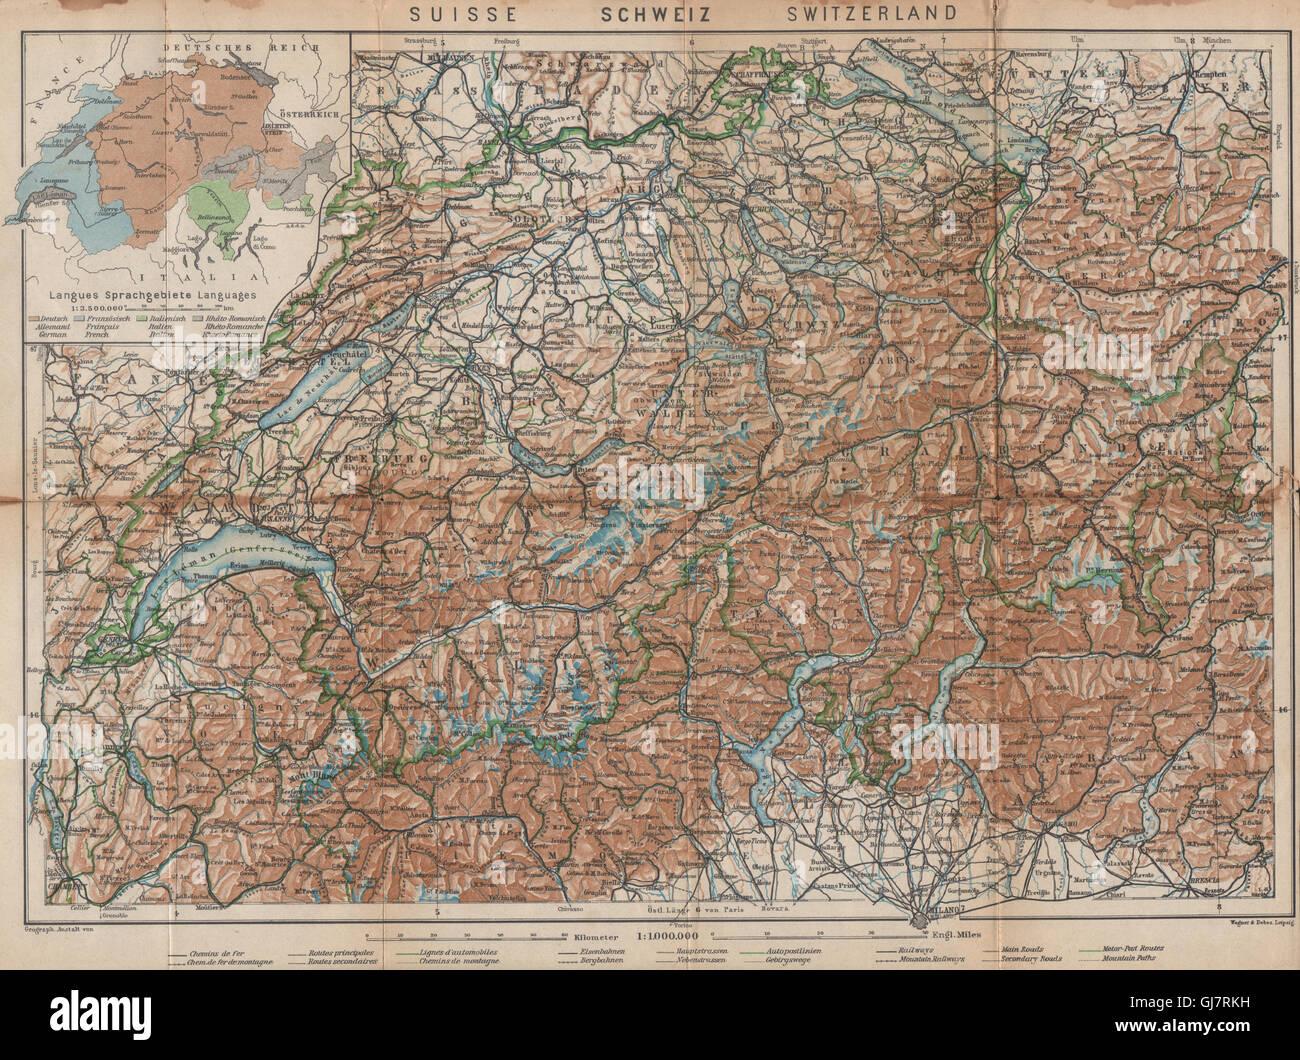 Able Thuner See Gantrisch Spiez Frutigen Oberwil 1920 Map Simme/kander Valleys